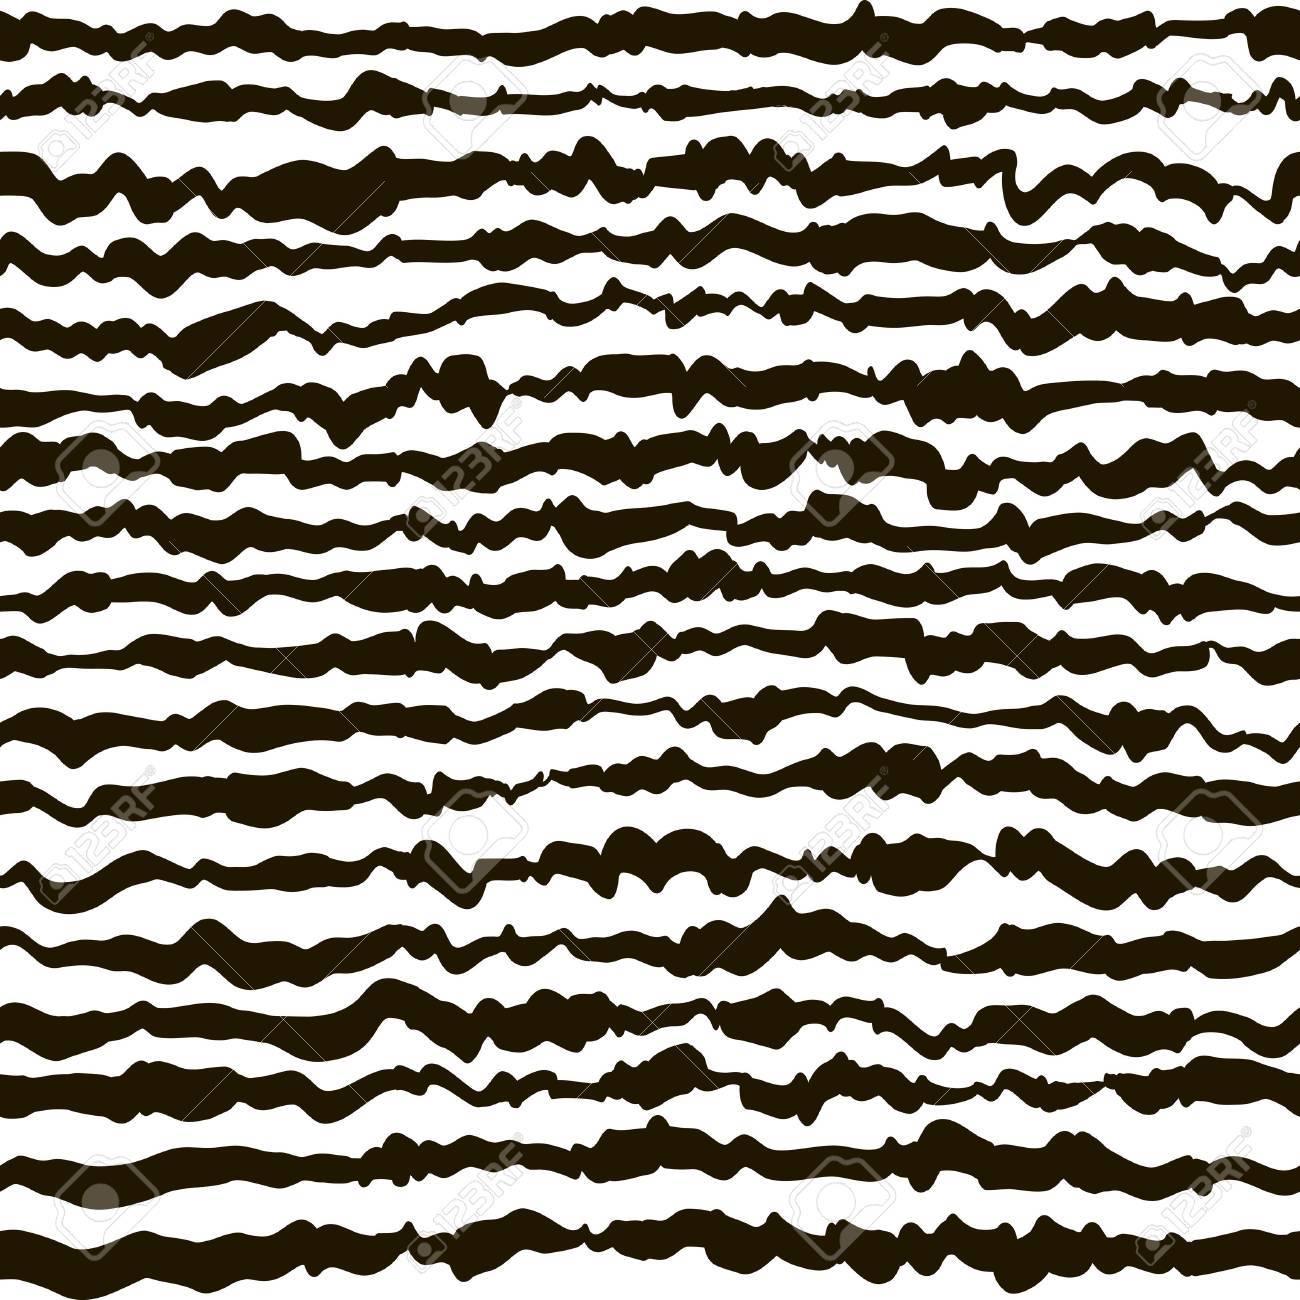 Schwarz Weiß Hand Zeichnen Nahtlose Vektor Muster Wilde Abstrakte